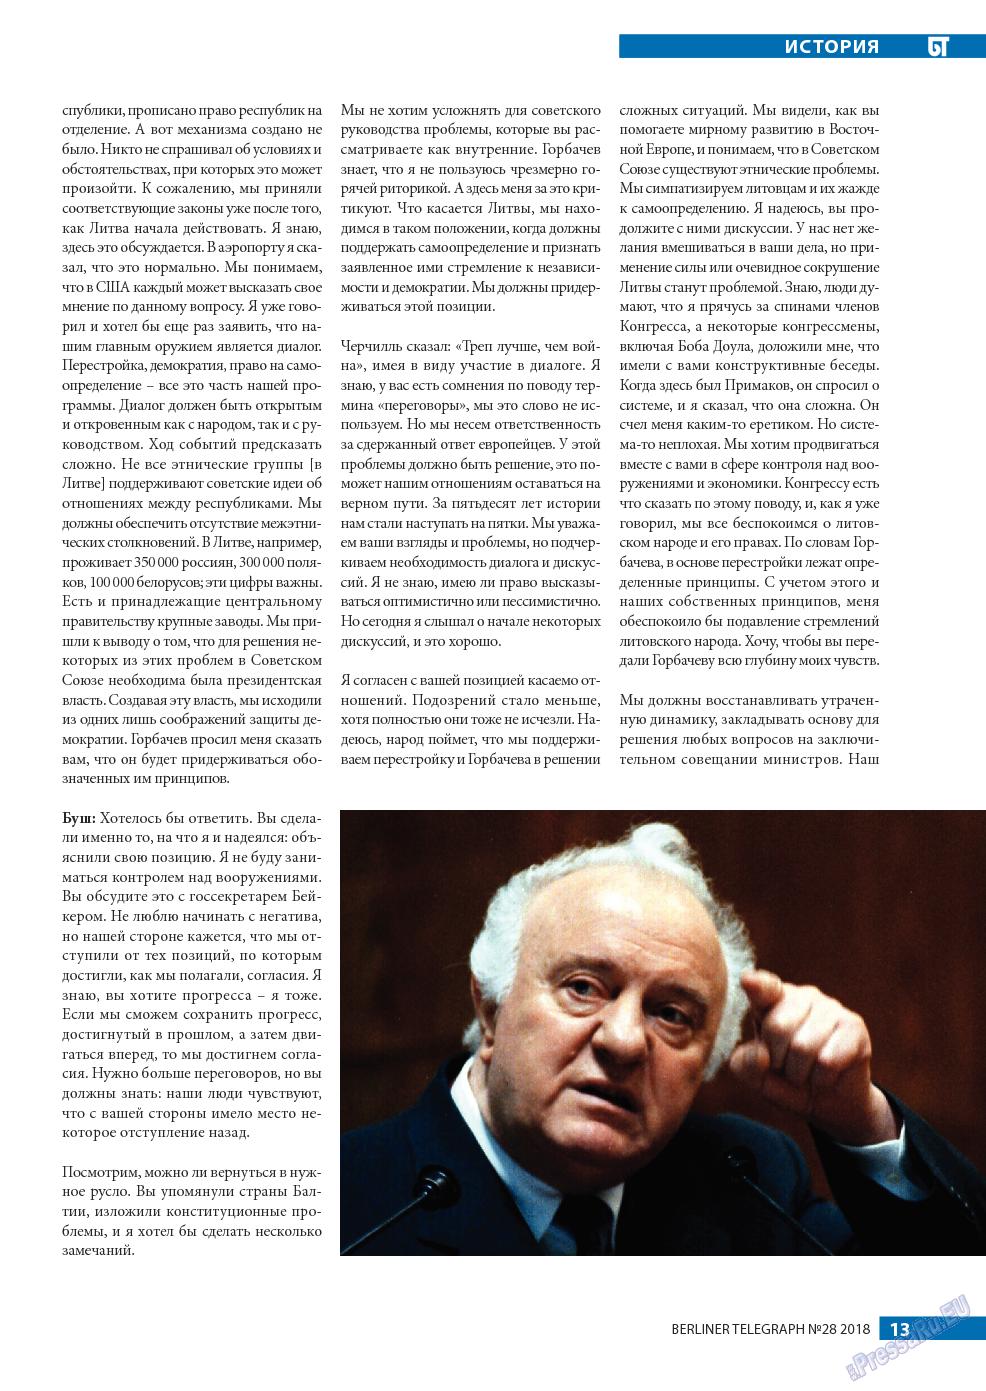 Берлинский телеграф (журнал). 2018 год, номер 28, стр. 13